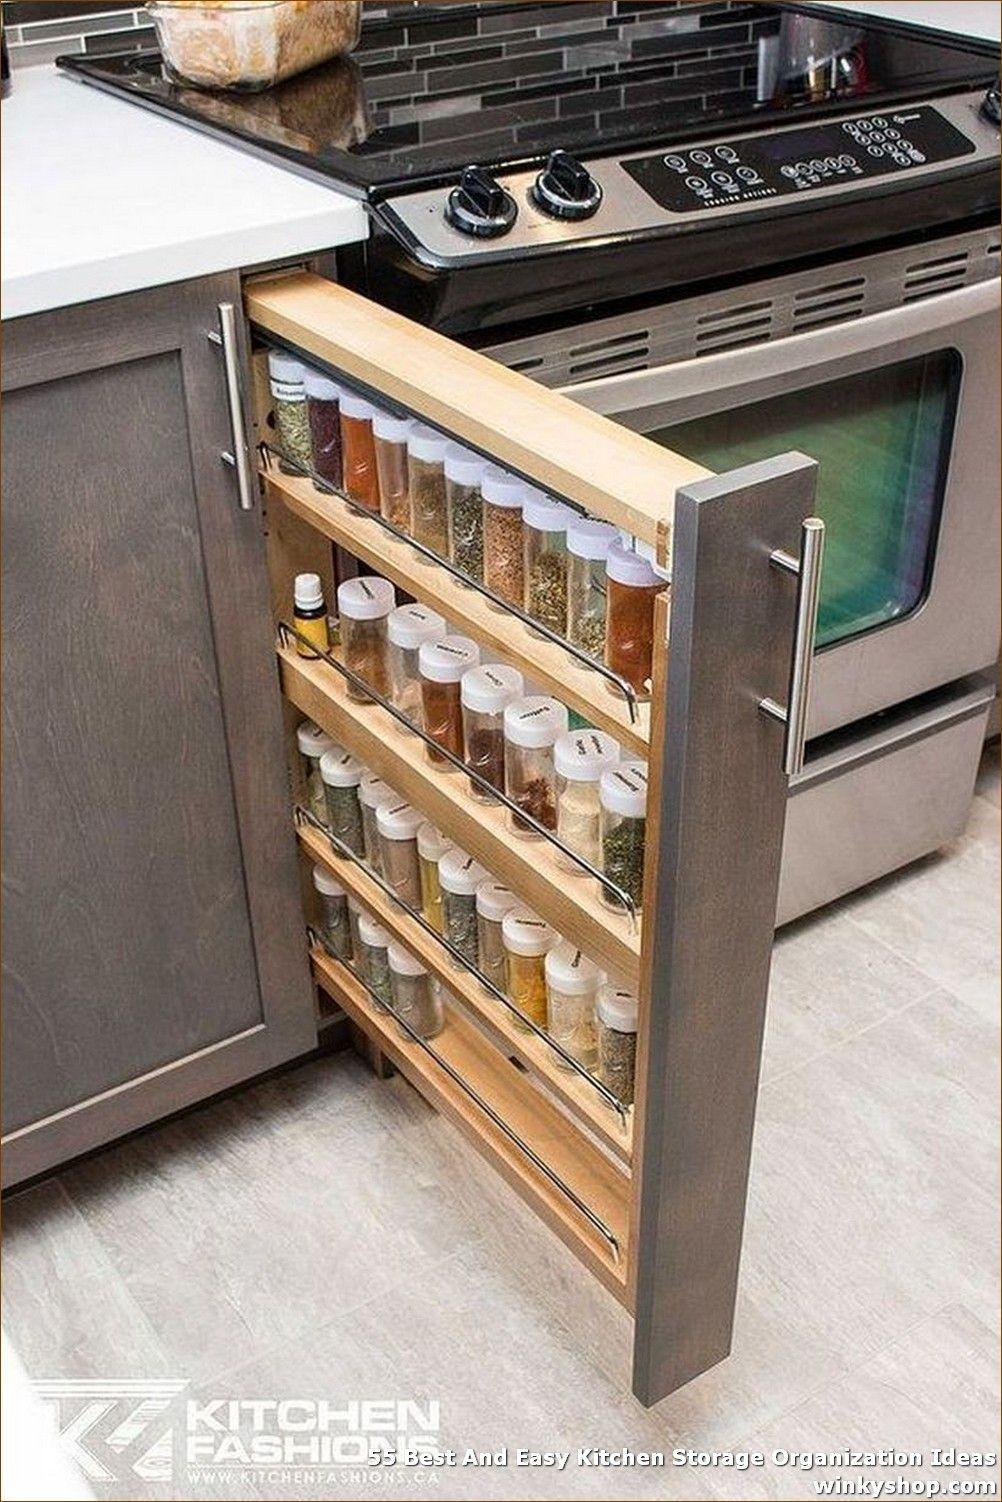 8 Best And Easy Kitchen Storage Organization Ideas ✓  Diy